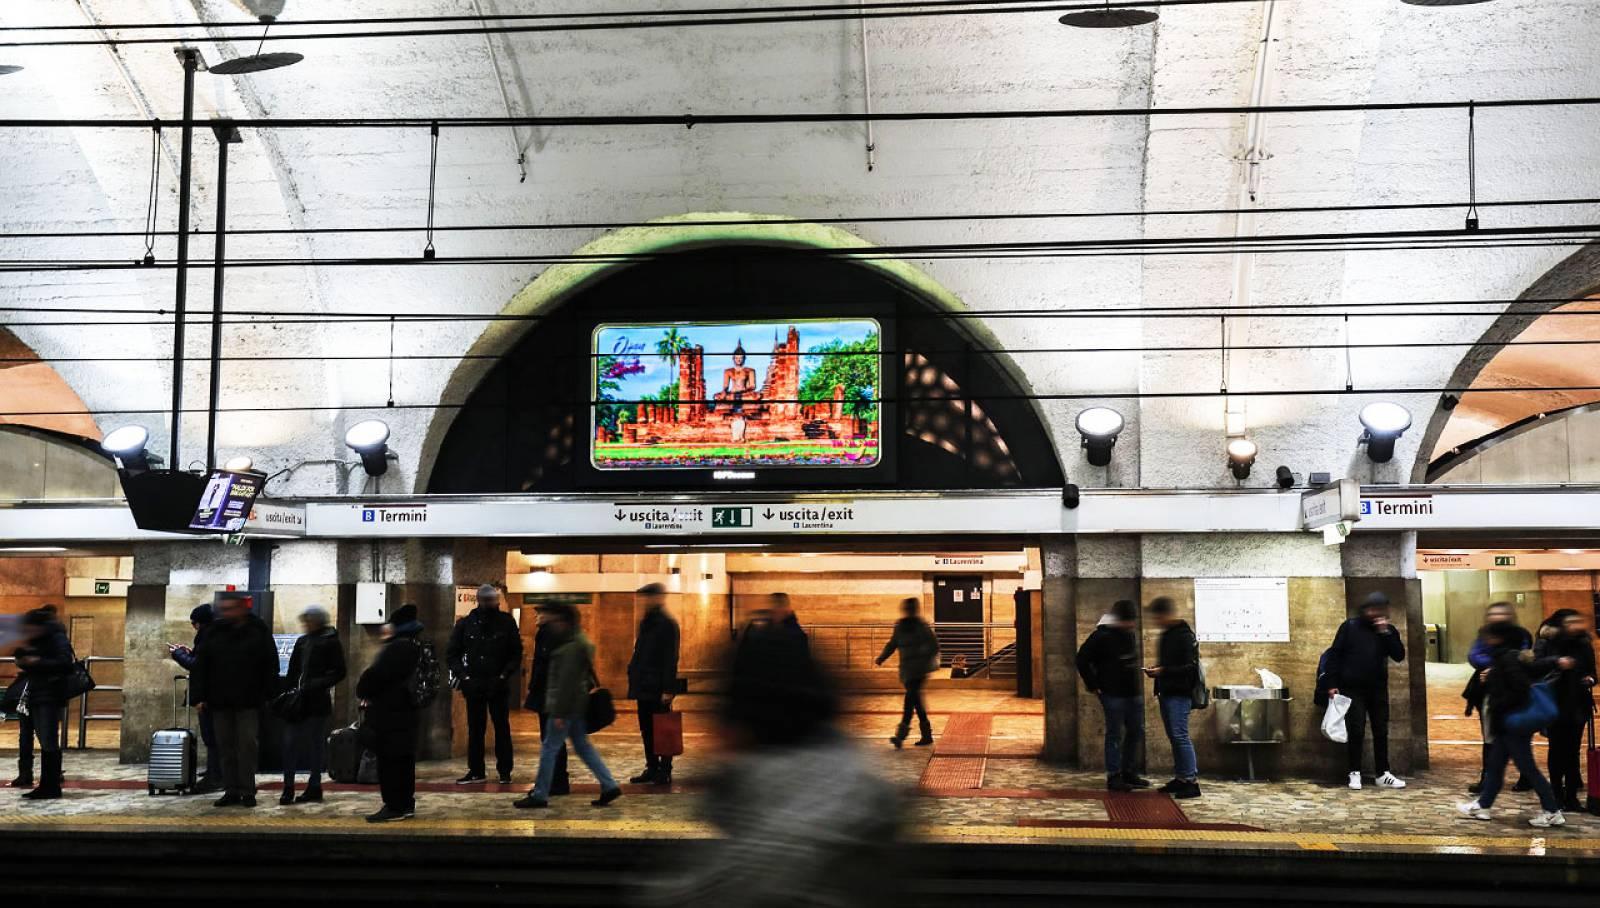 Pubblicità metropolitana di Termini a Roma IGPDecaux Horizon per Ente Turismo Thailandia